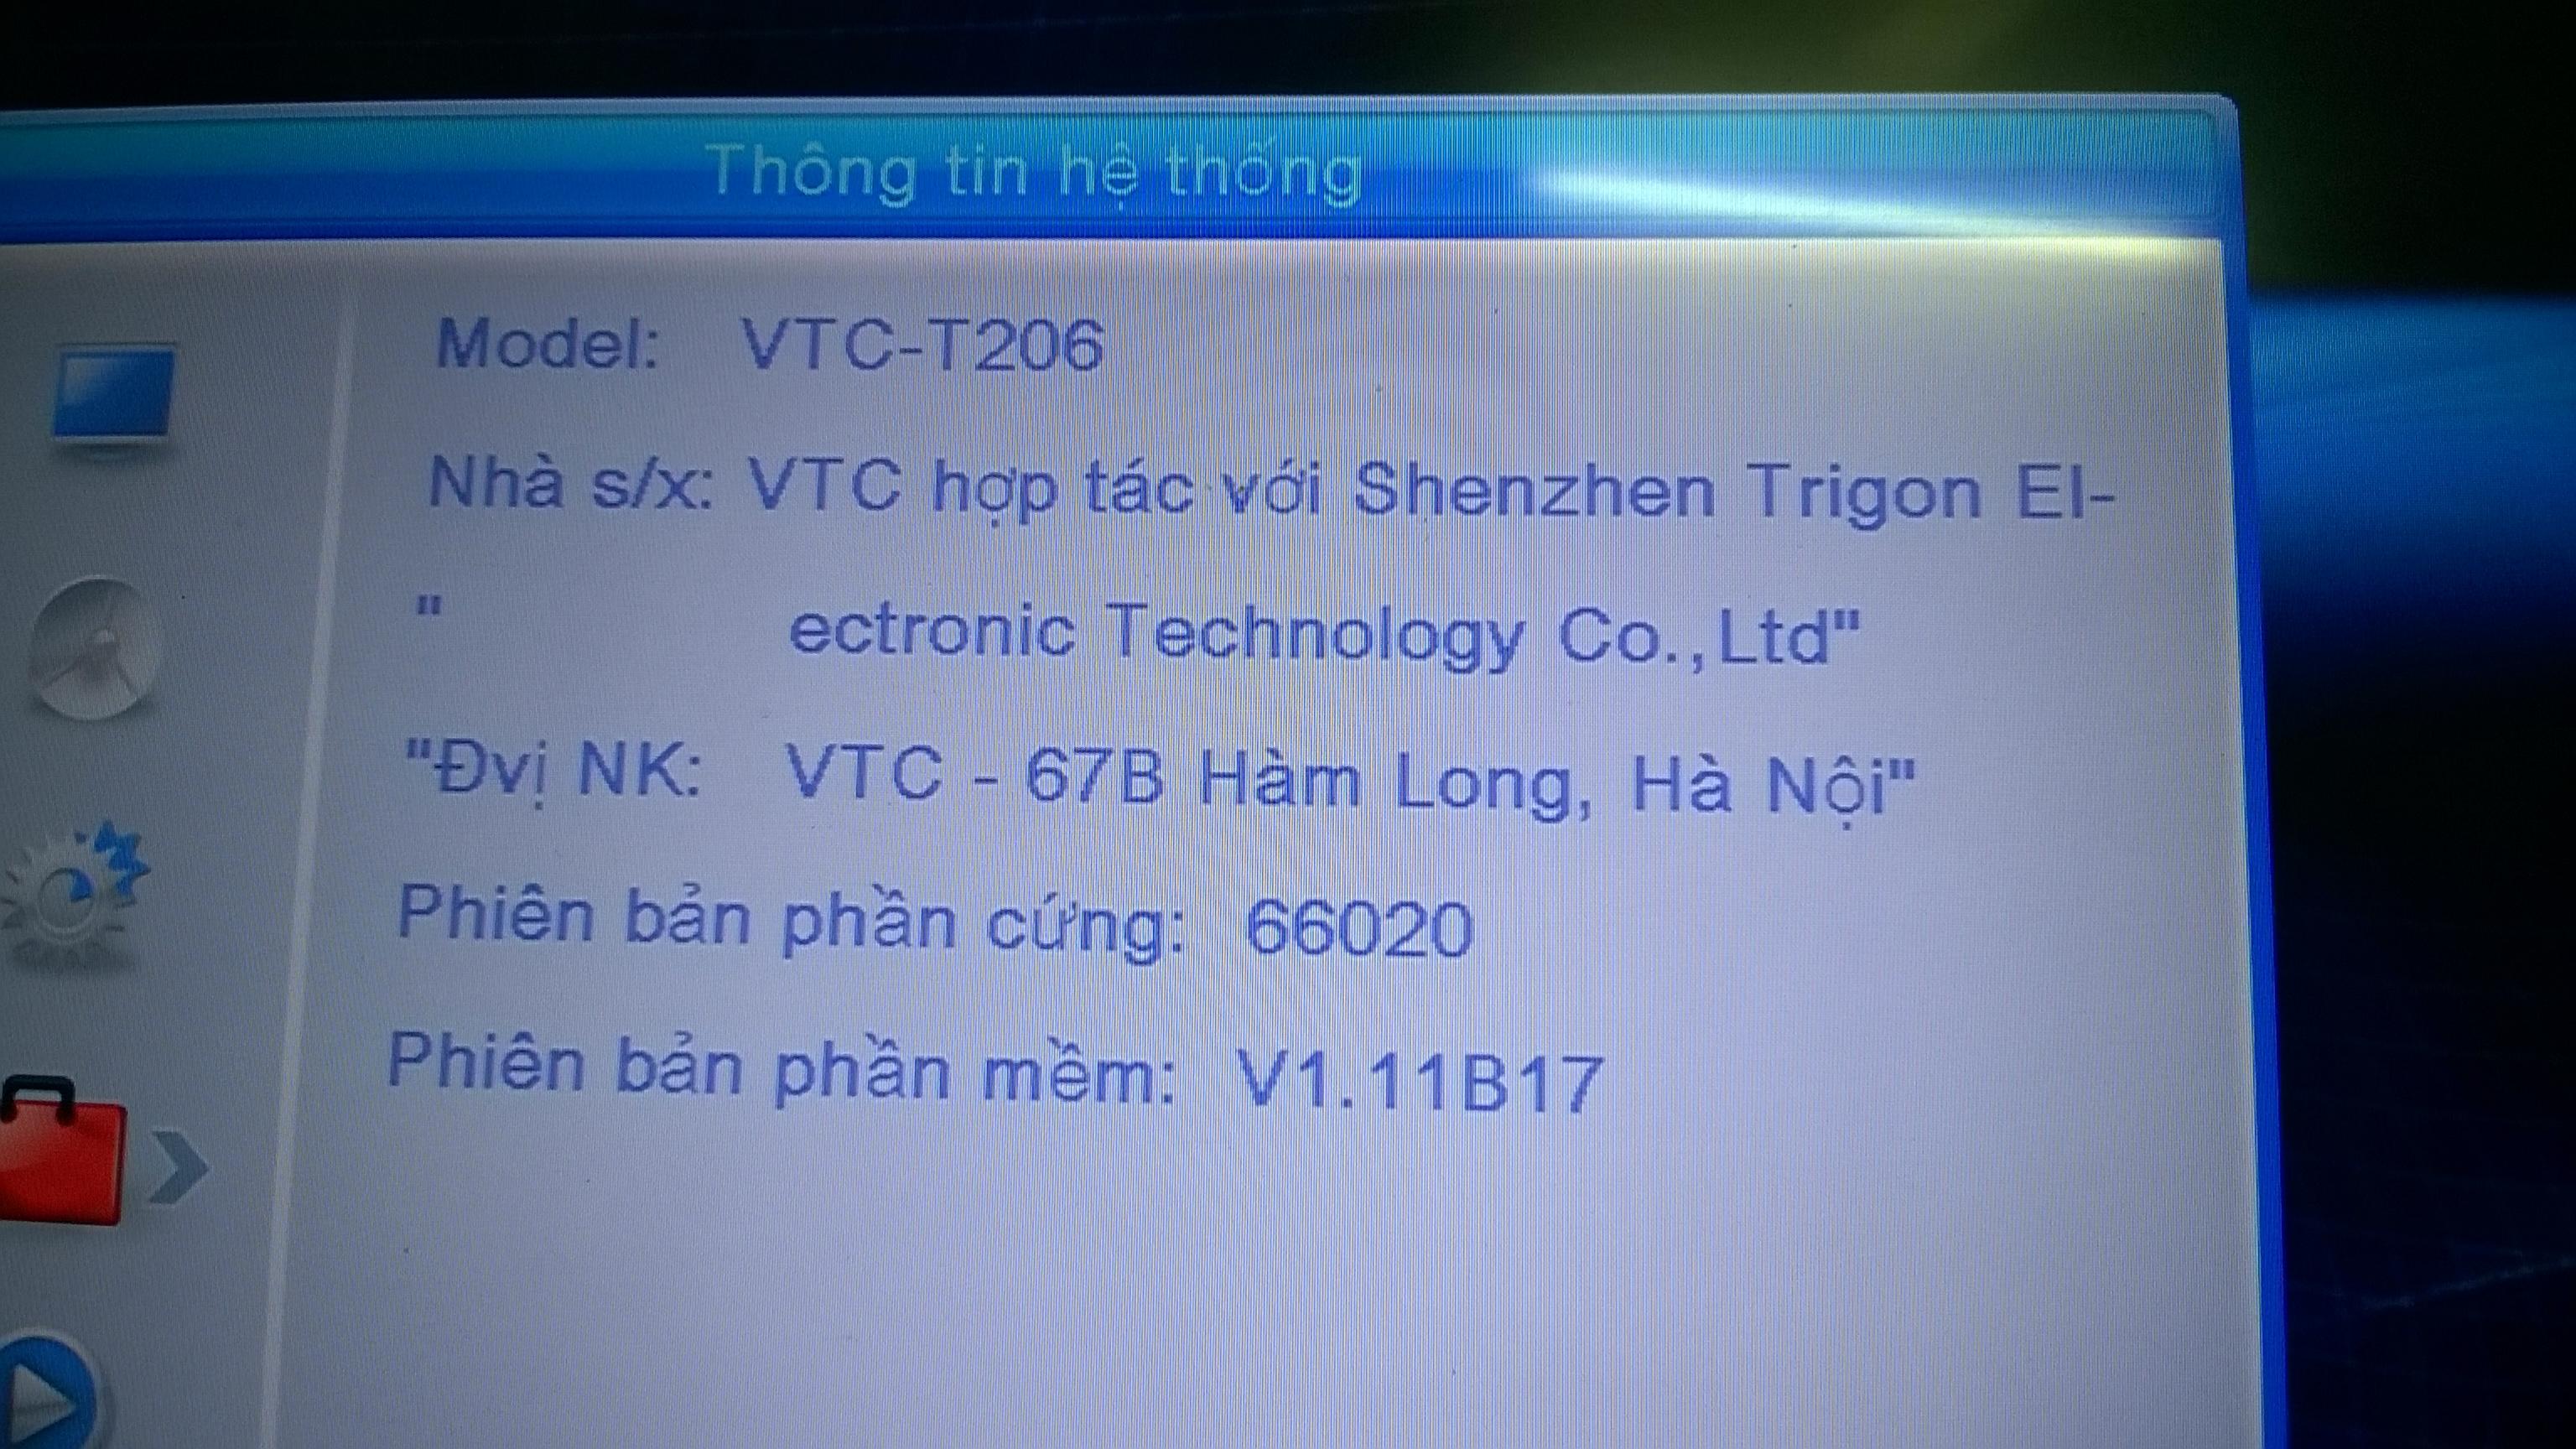 [Review] Cảm nhận nhanh về đầu thu kts mặt đất DVB T206 của VTC SiaOxW